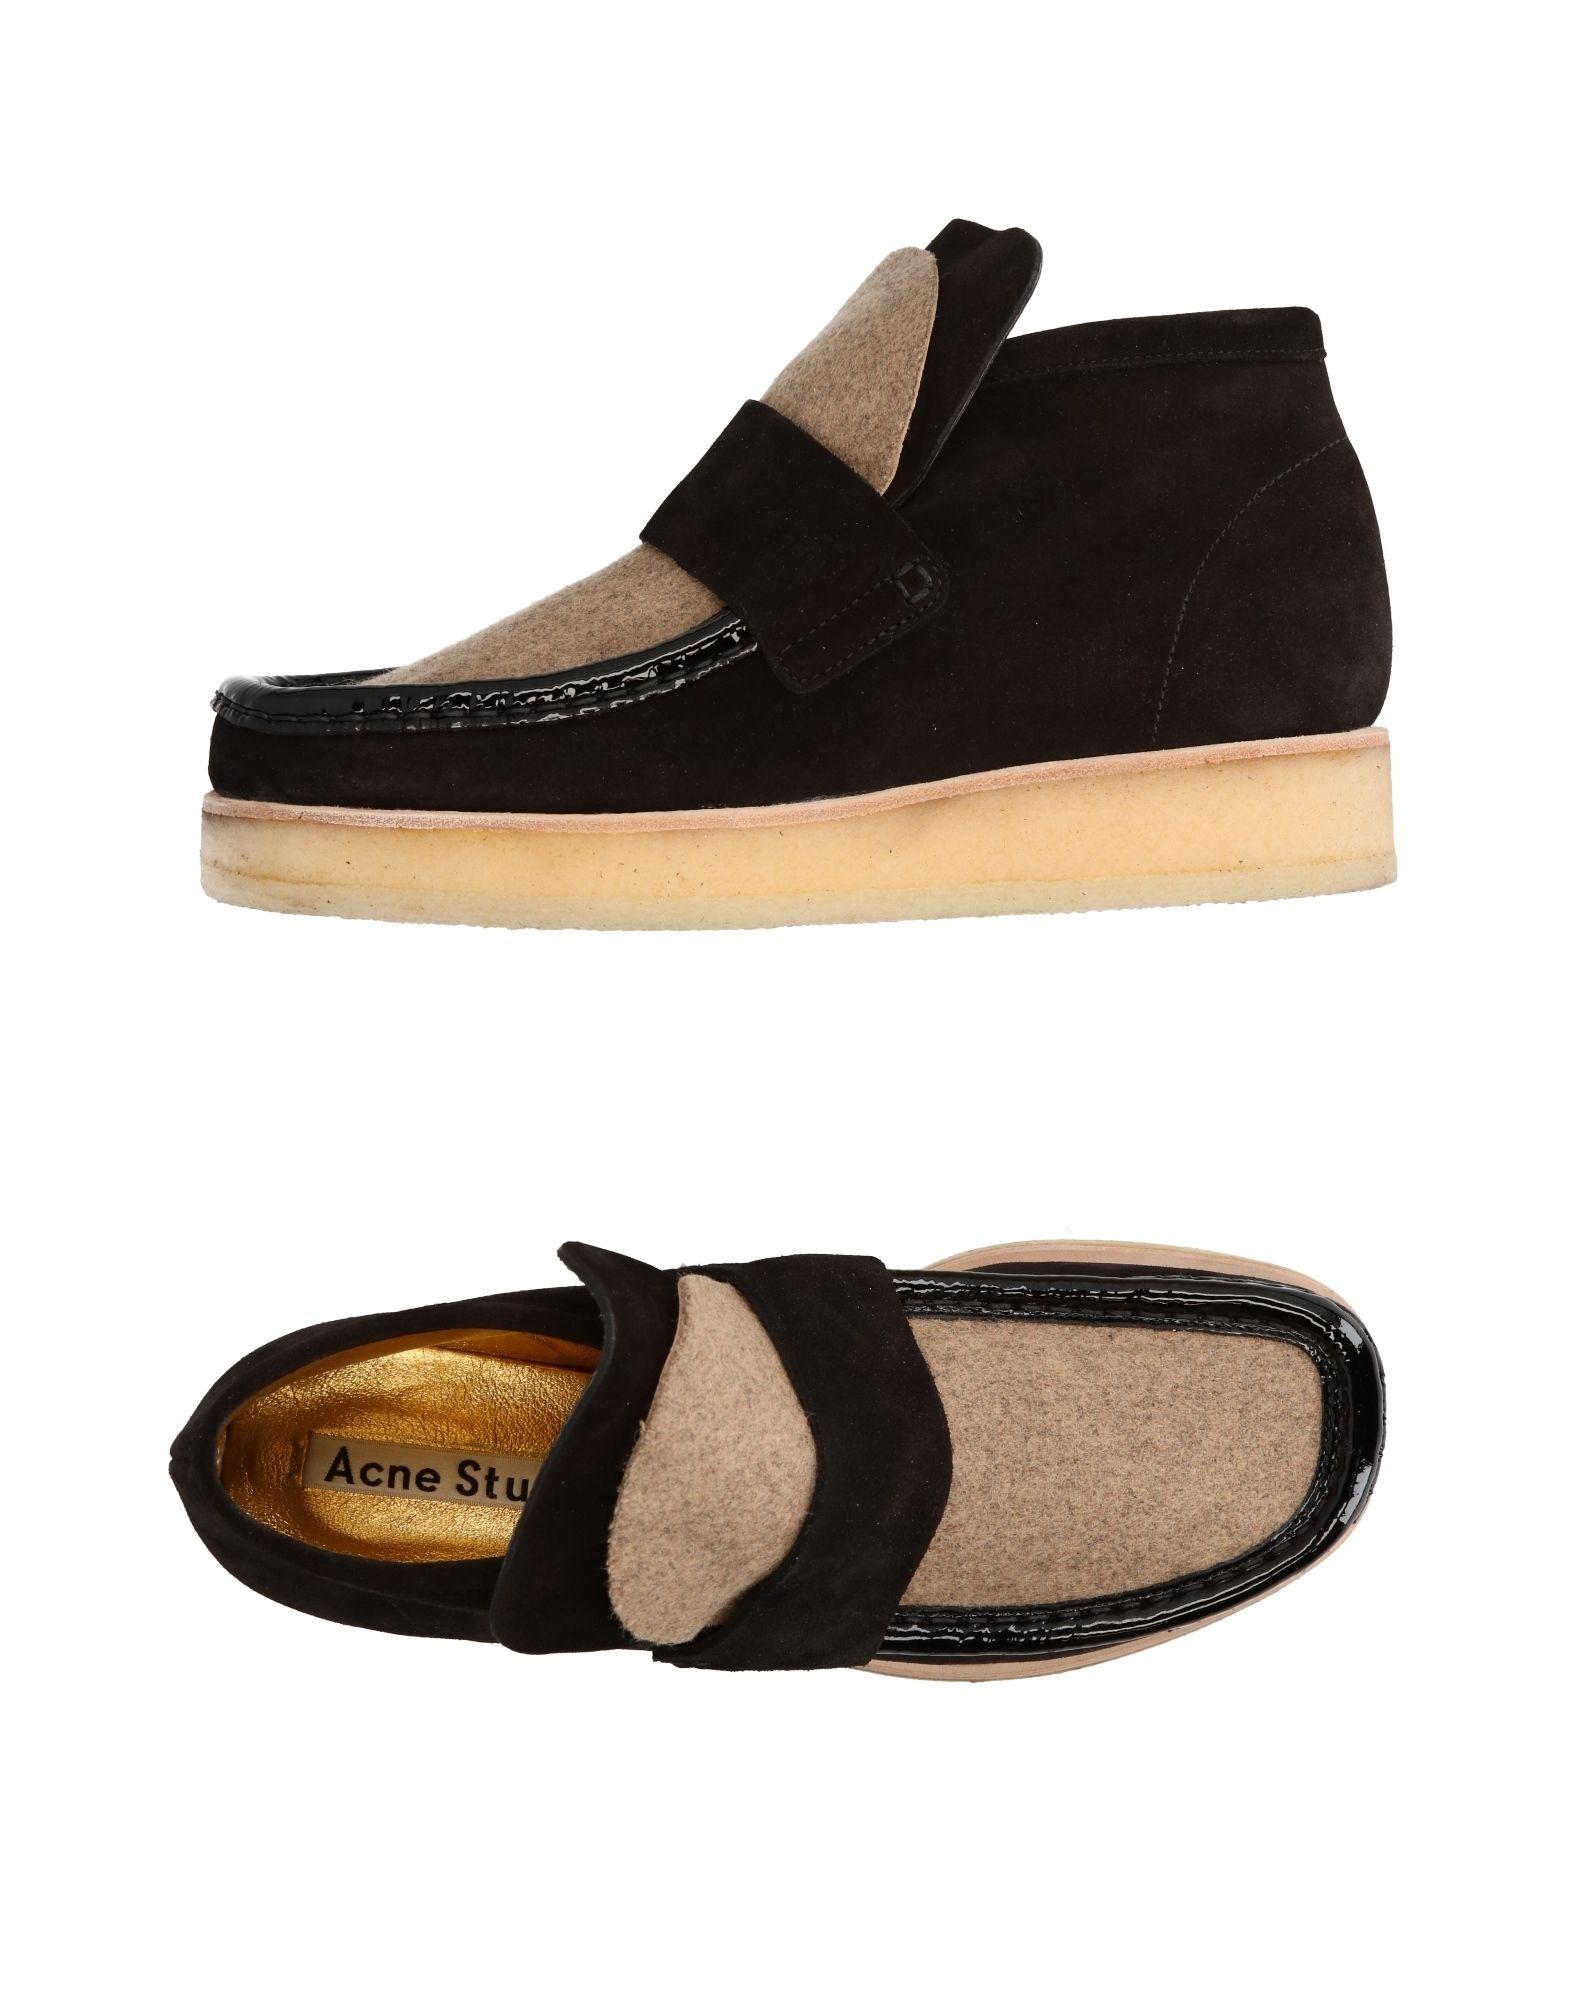 Acne Studios Stiefelette Damen  11242437XG Gute Qualität beliebte Schuhe